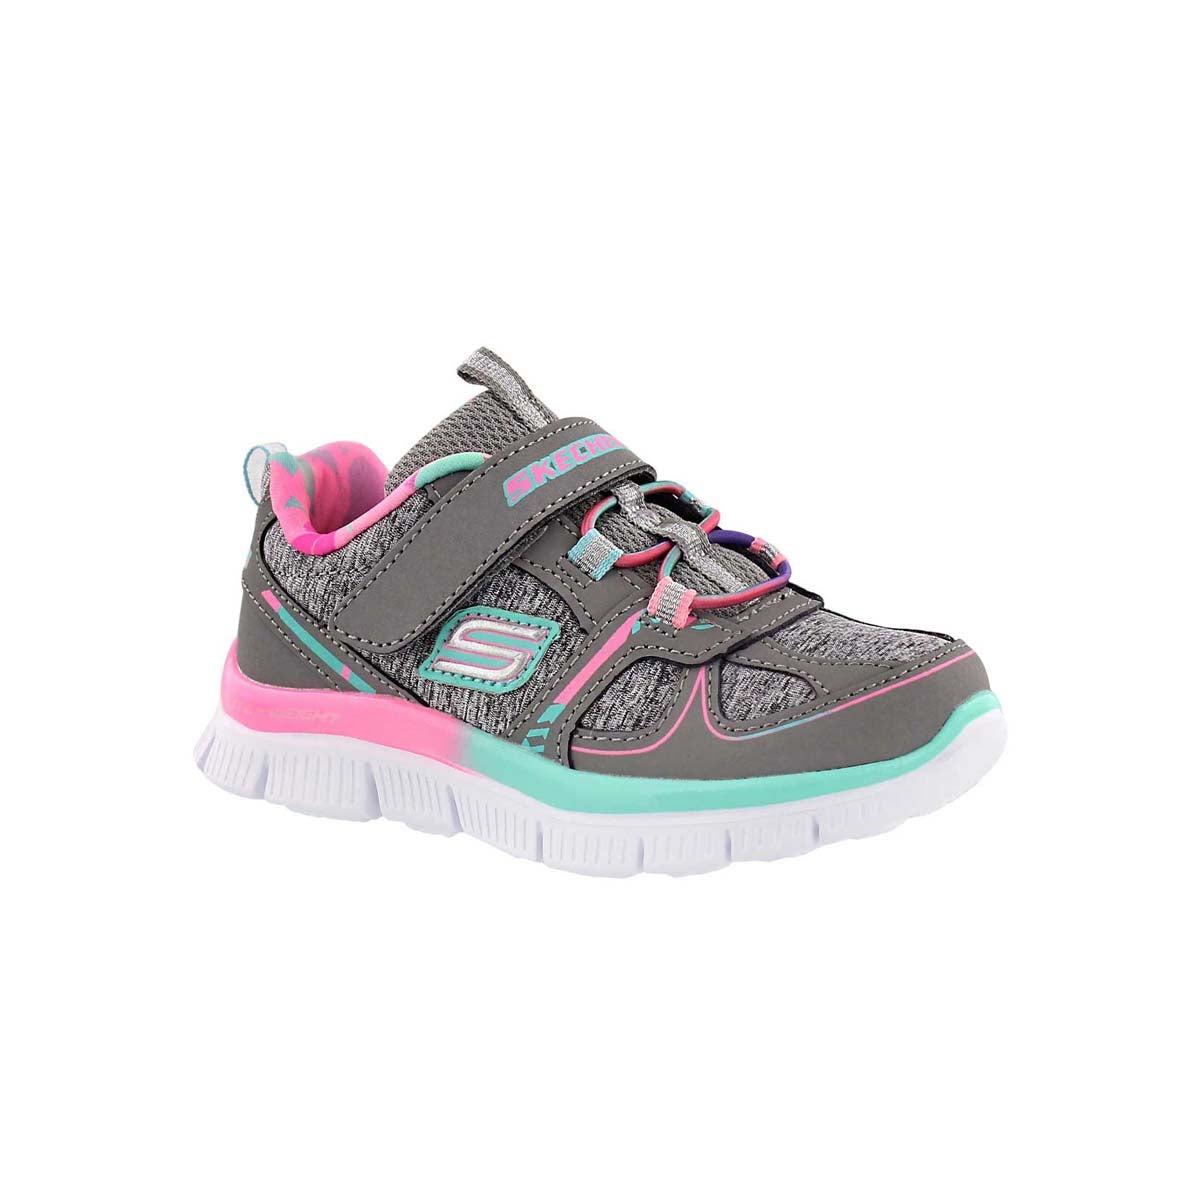 Infants' SKECH APPEAL grey/multi sneakers